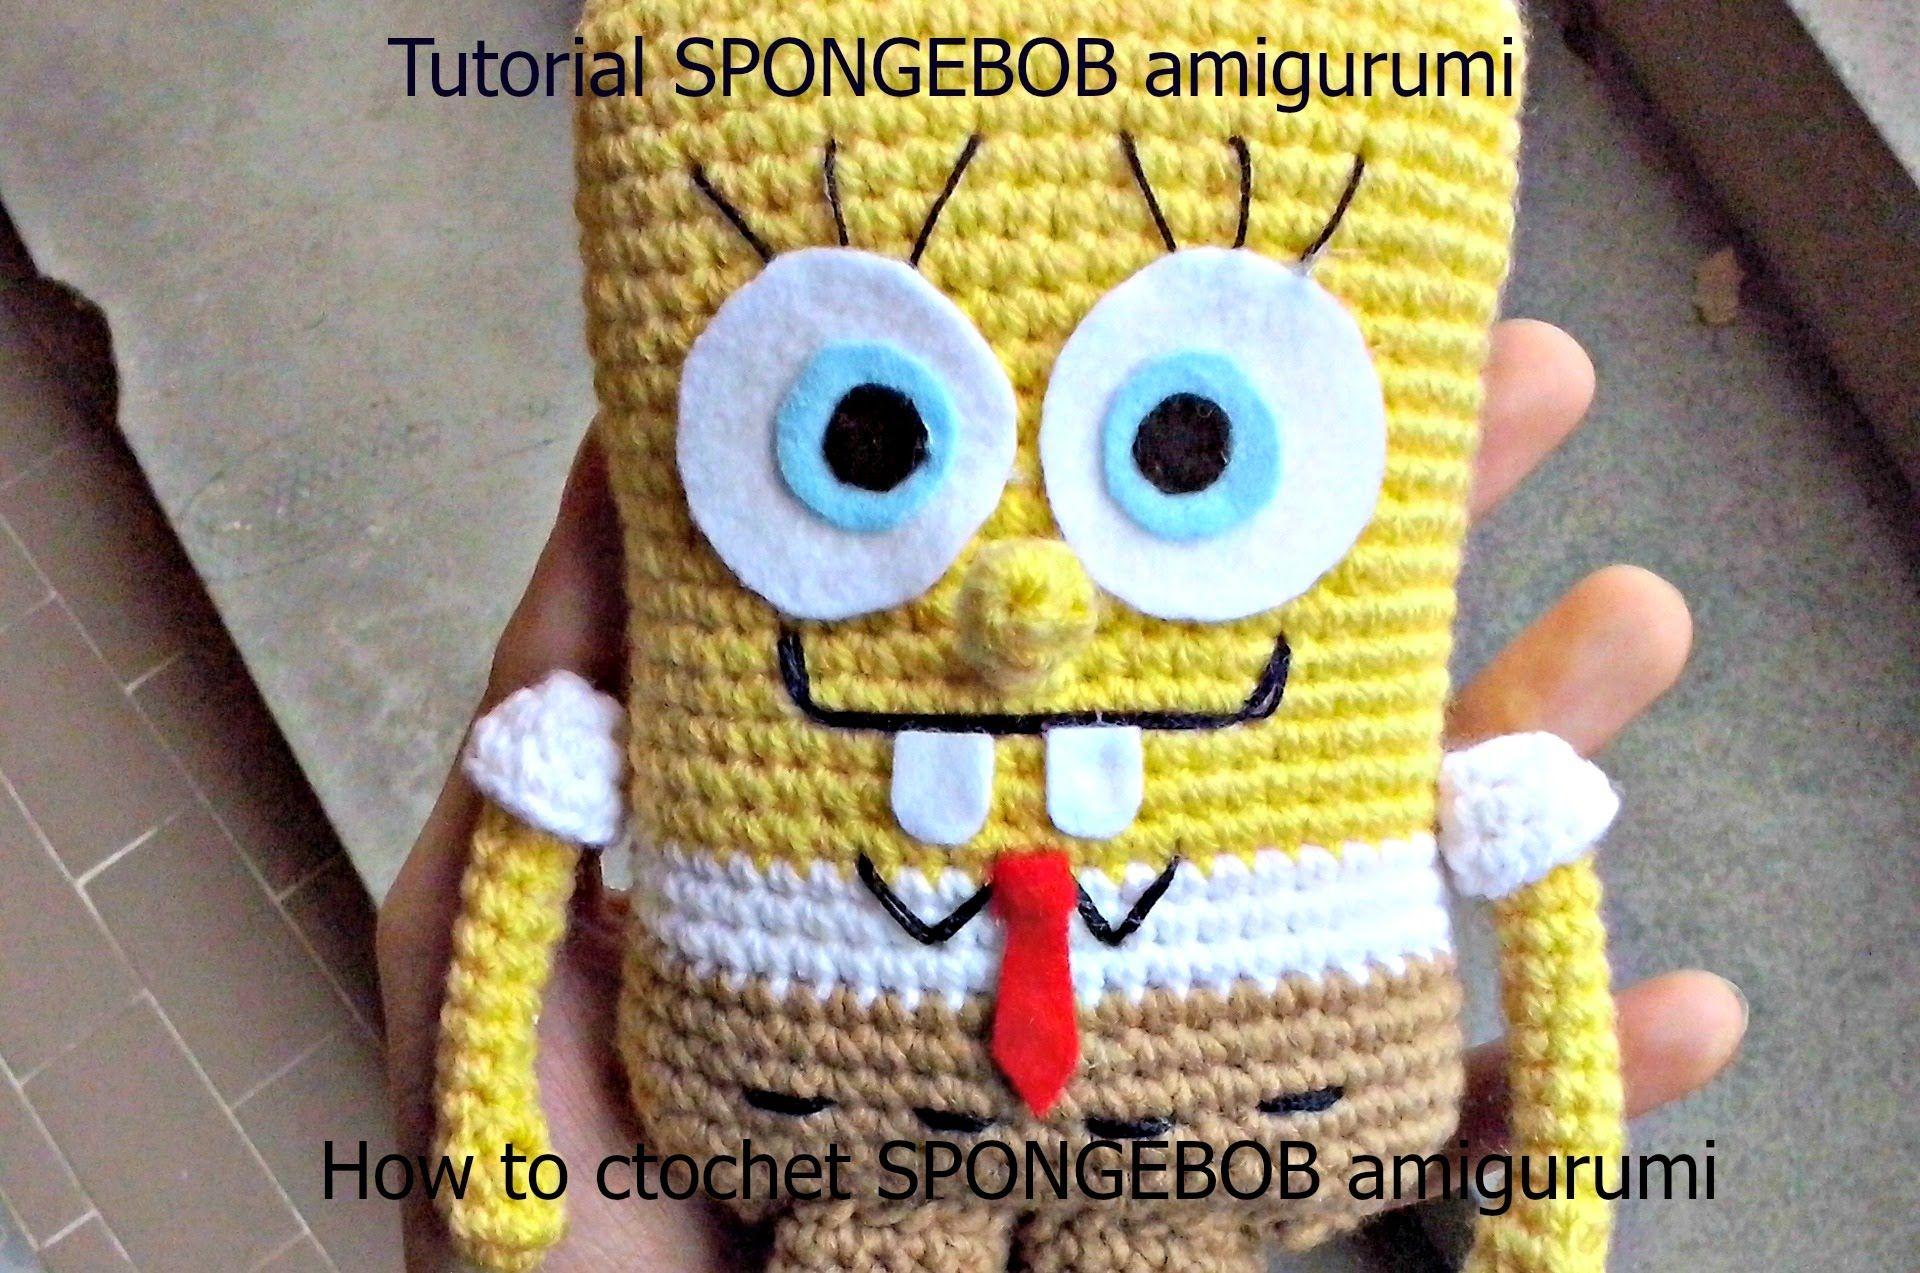 Free Crochet Pattern Spongebob Hat : Tutorial SPONGEBOB amigurumi HOW TO CROCHET SPONGEBOB ...